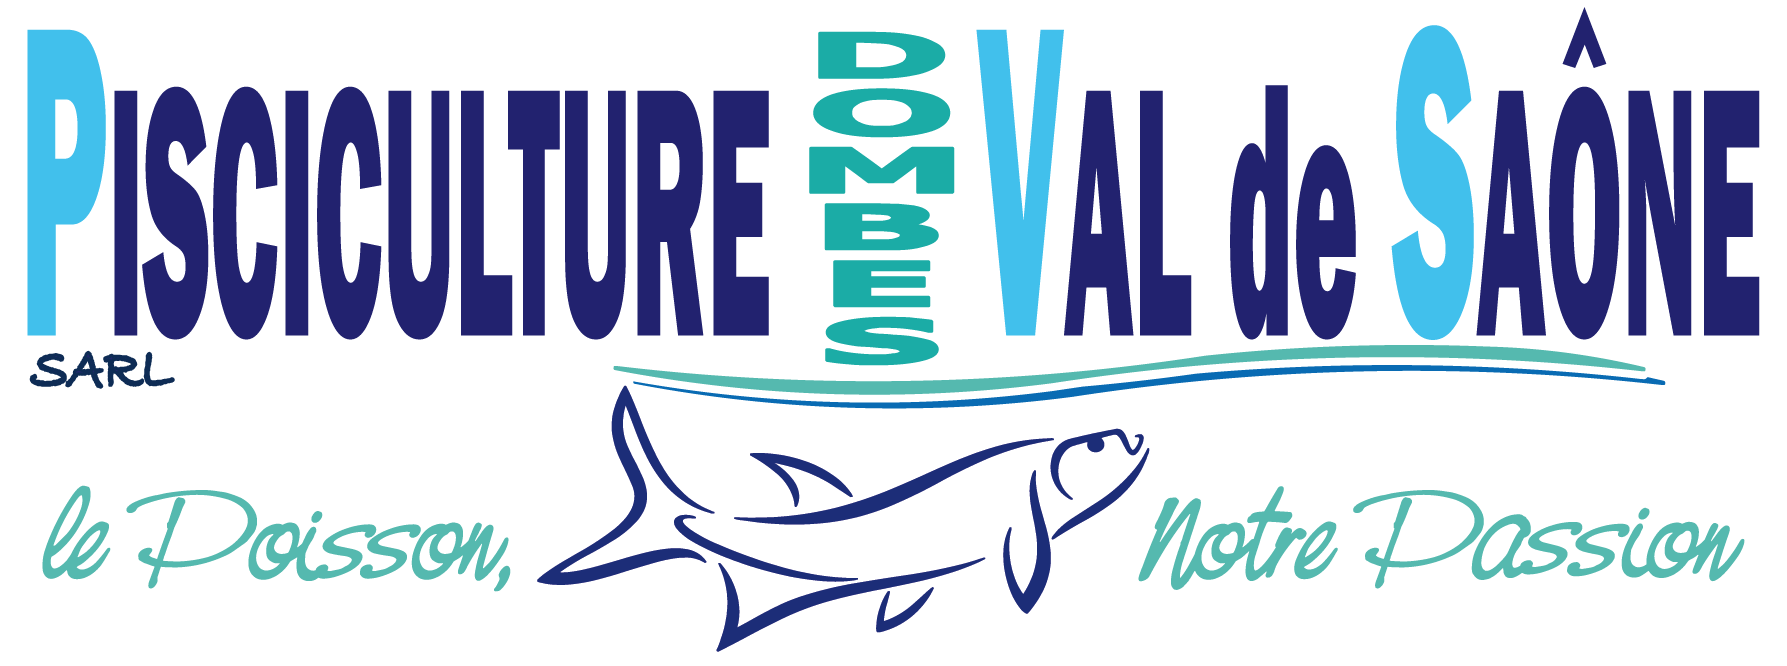 Logo pisciculture 2021 3